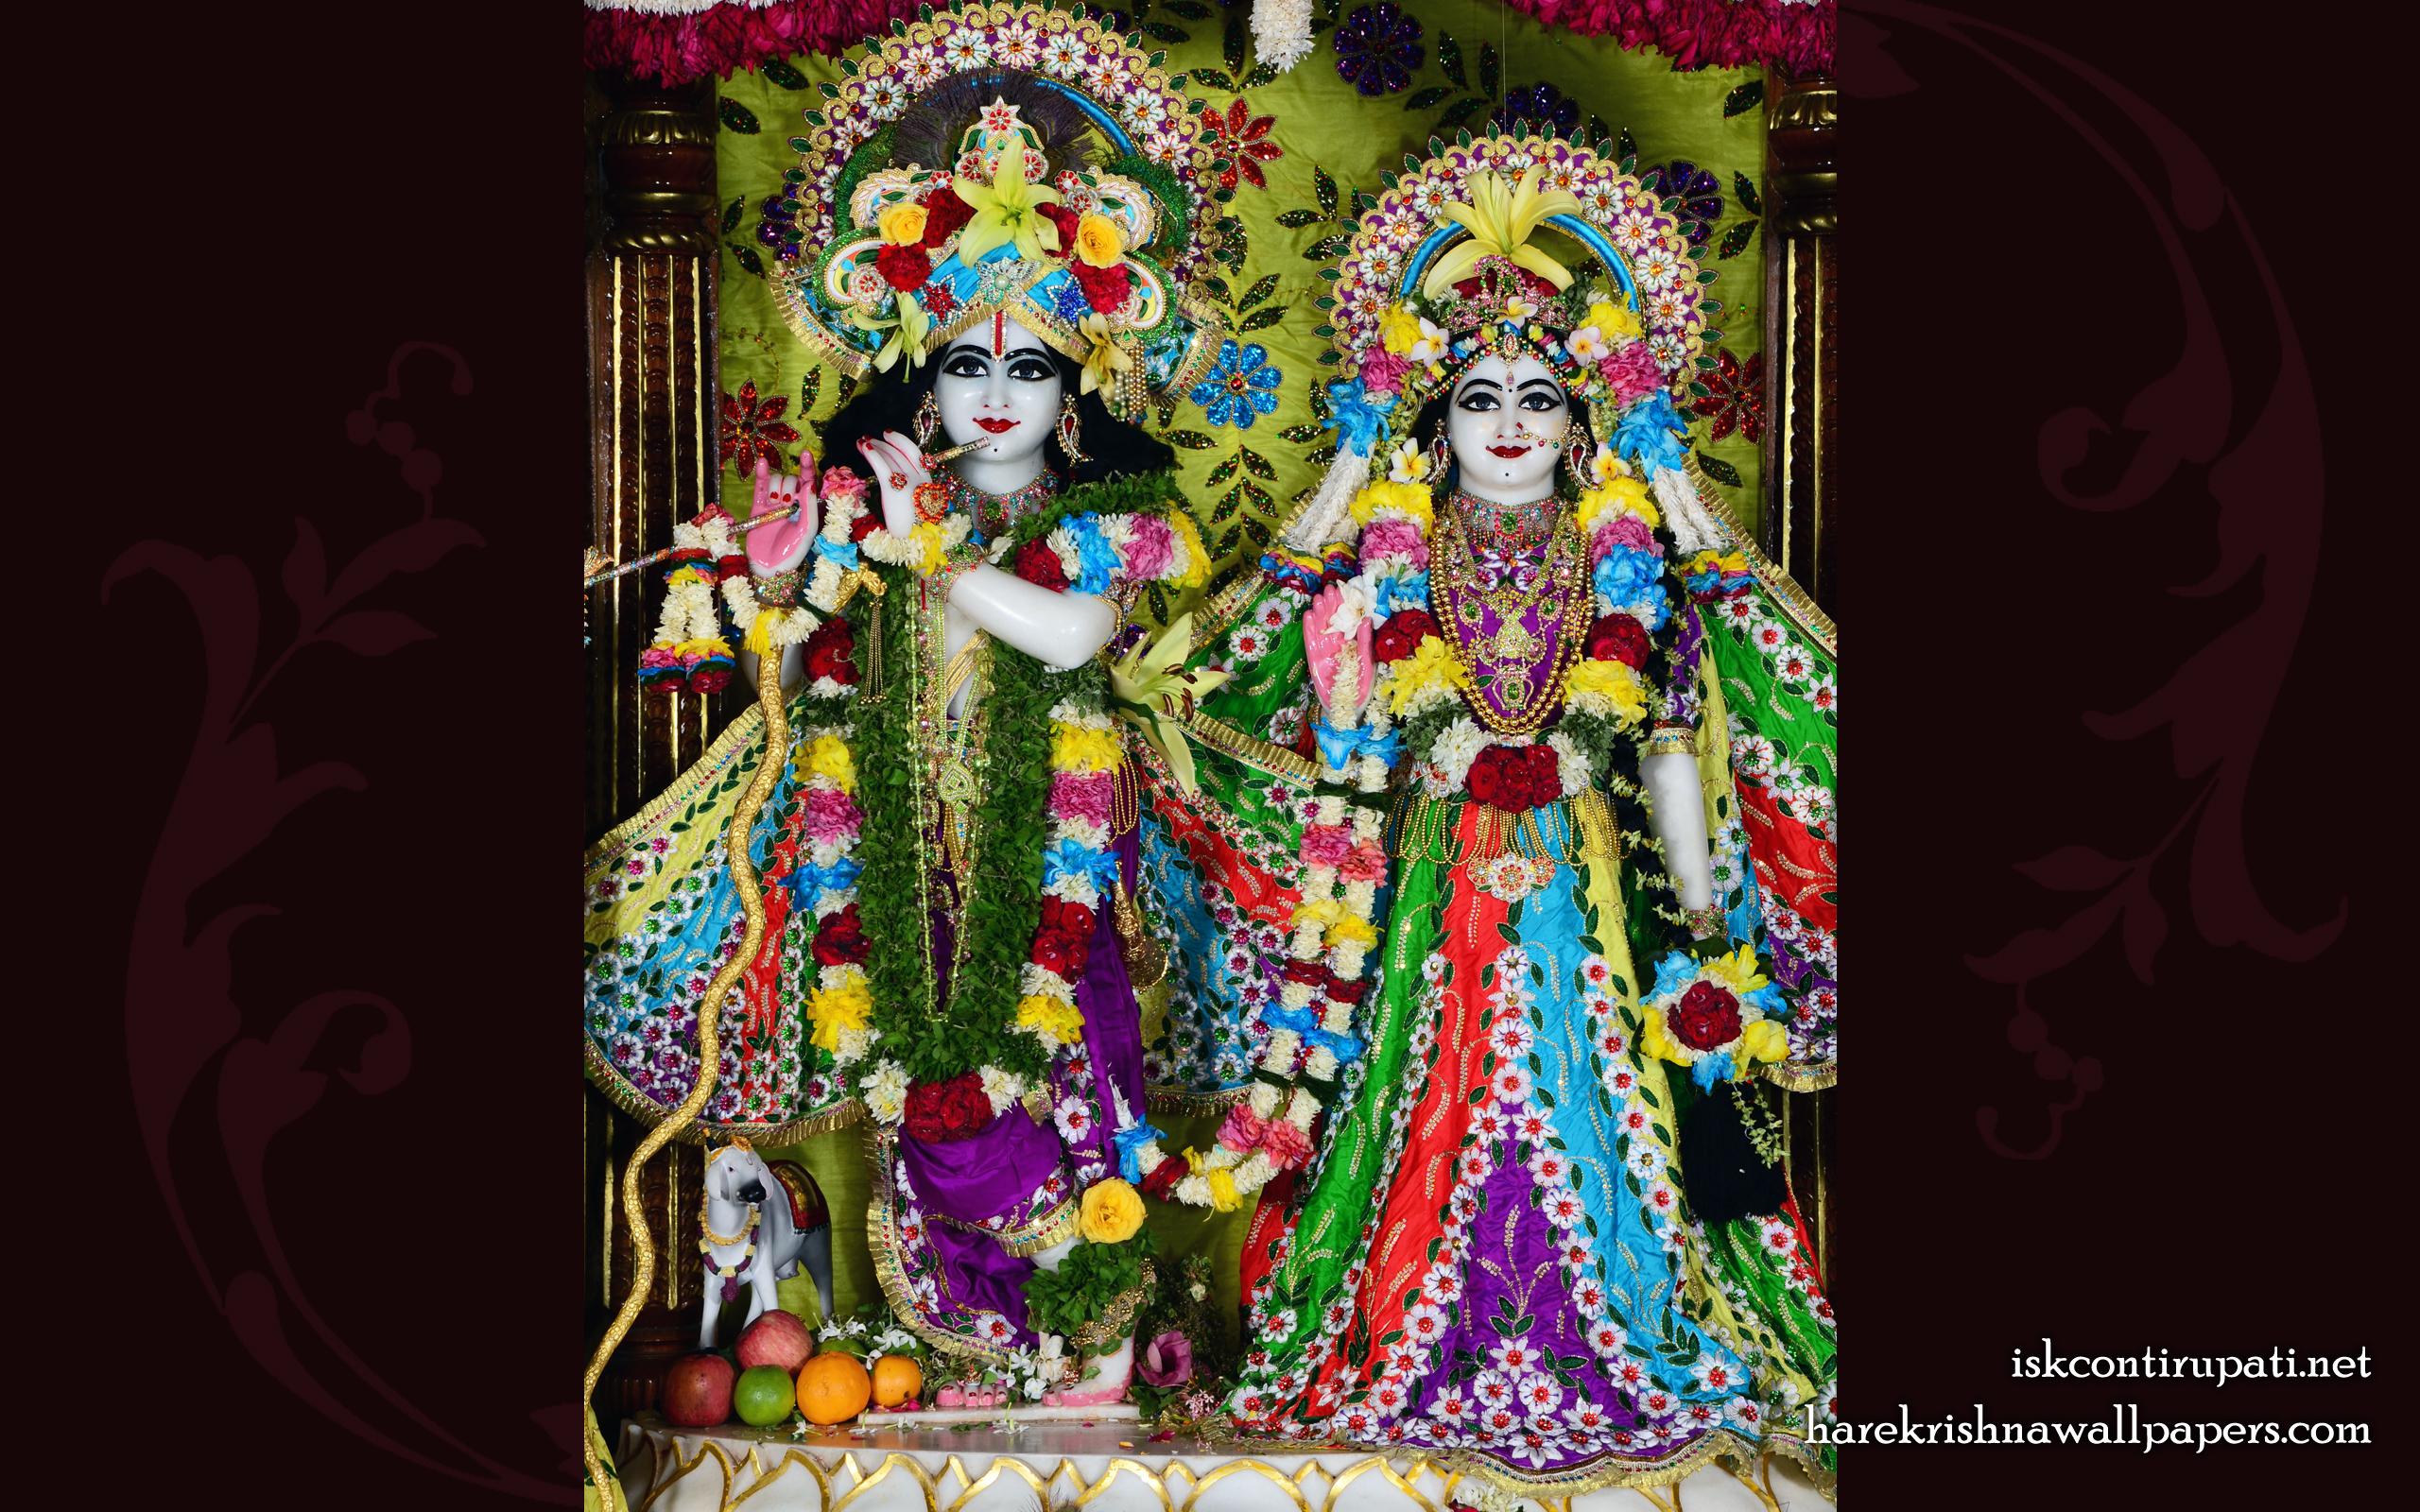 Sri Sri Radha Govinda Wallpaper (005) Size 2560x1600 Download